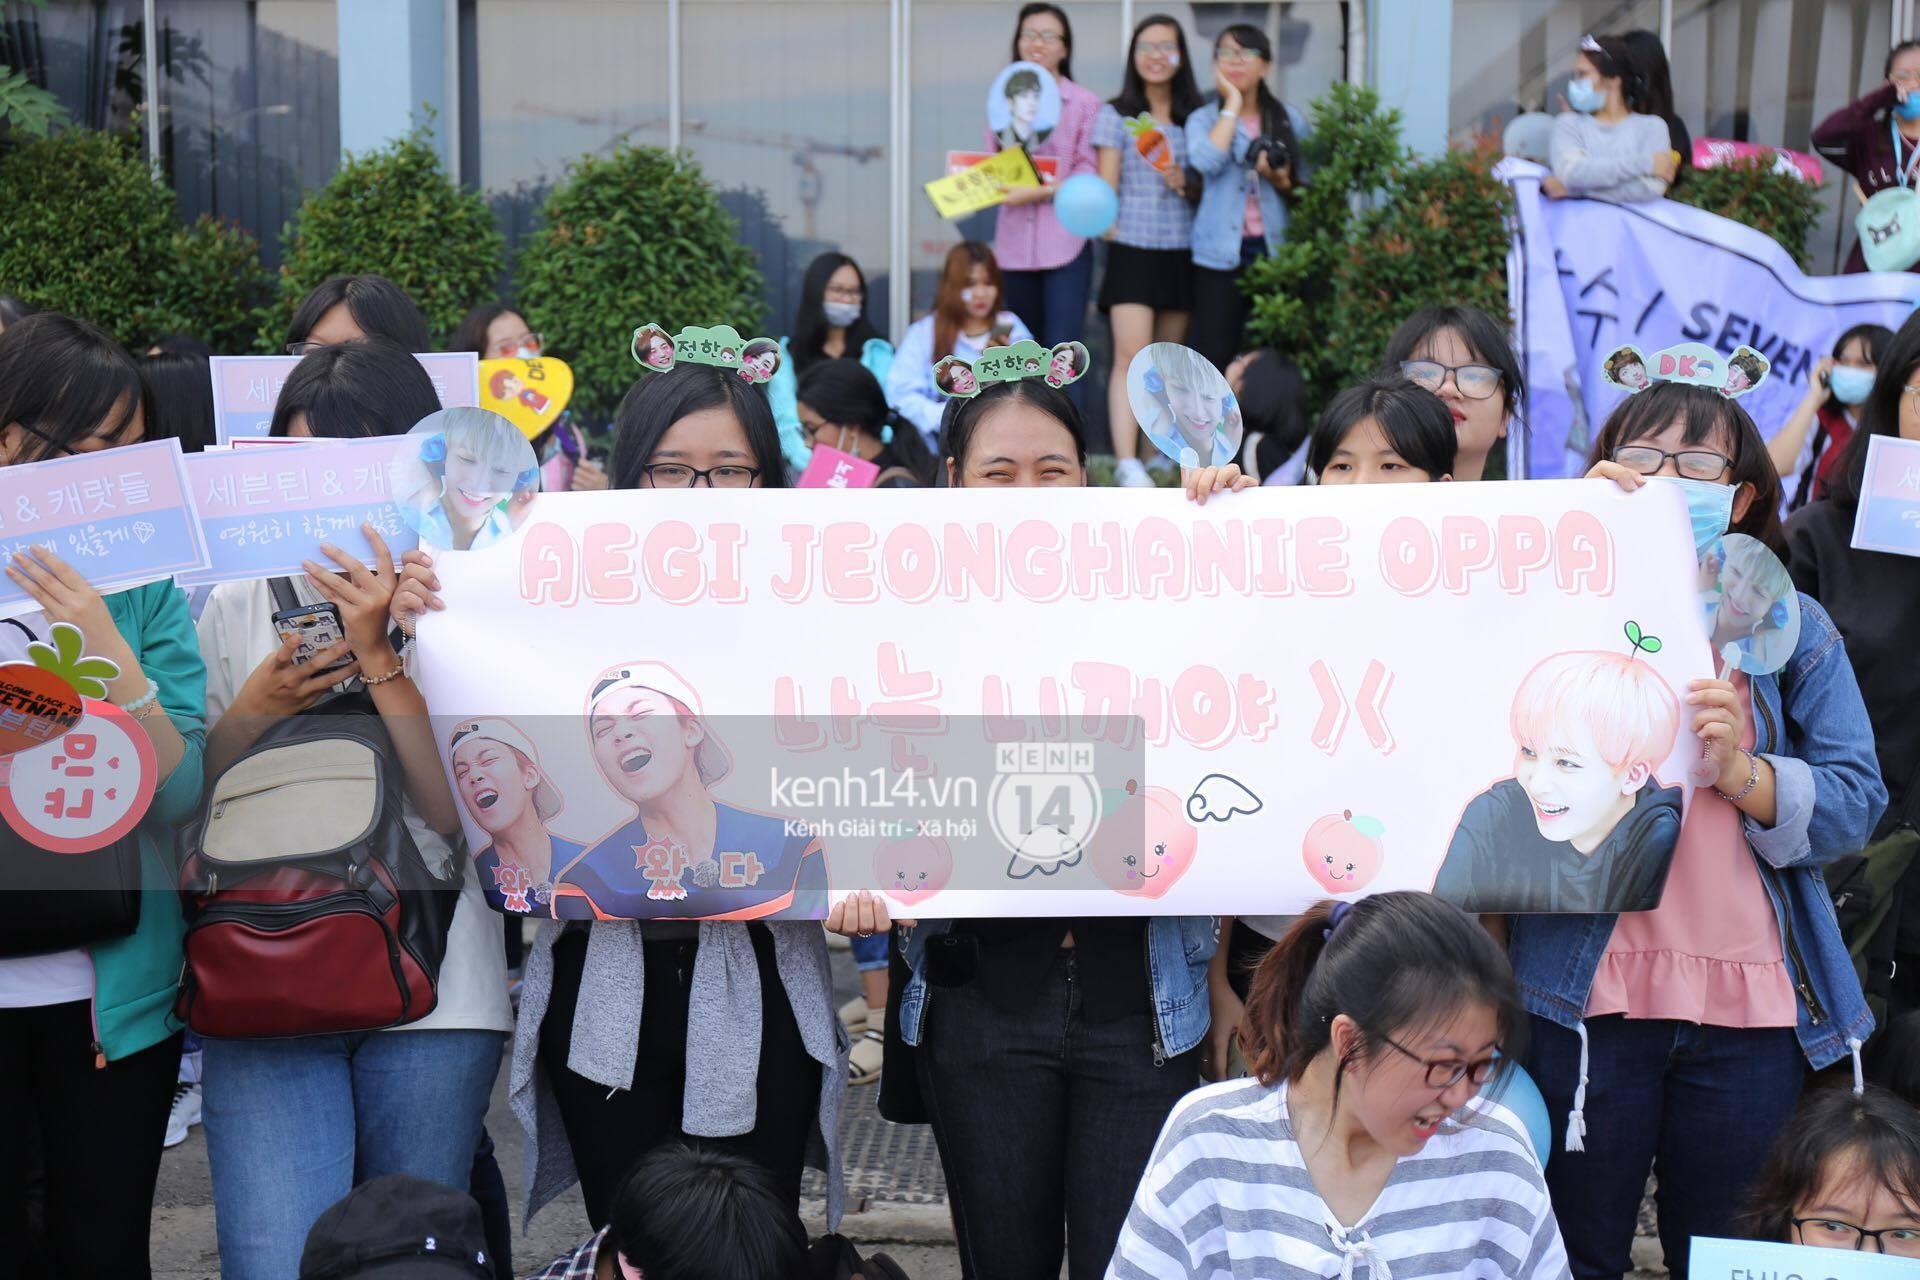 Hoàng tử lai Samuel điển trai, cùng Seventeen ngoái lại chào fan Việt bằng được tại sân bay Tân Sơn Nhất - Ảnh 19.